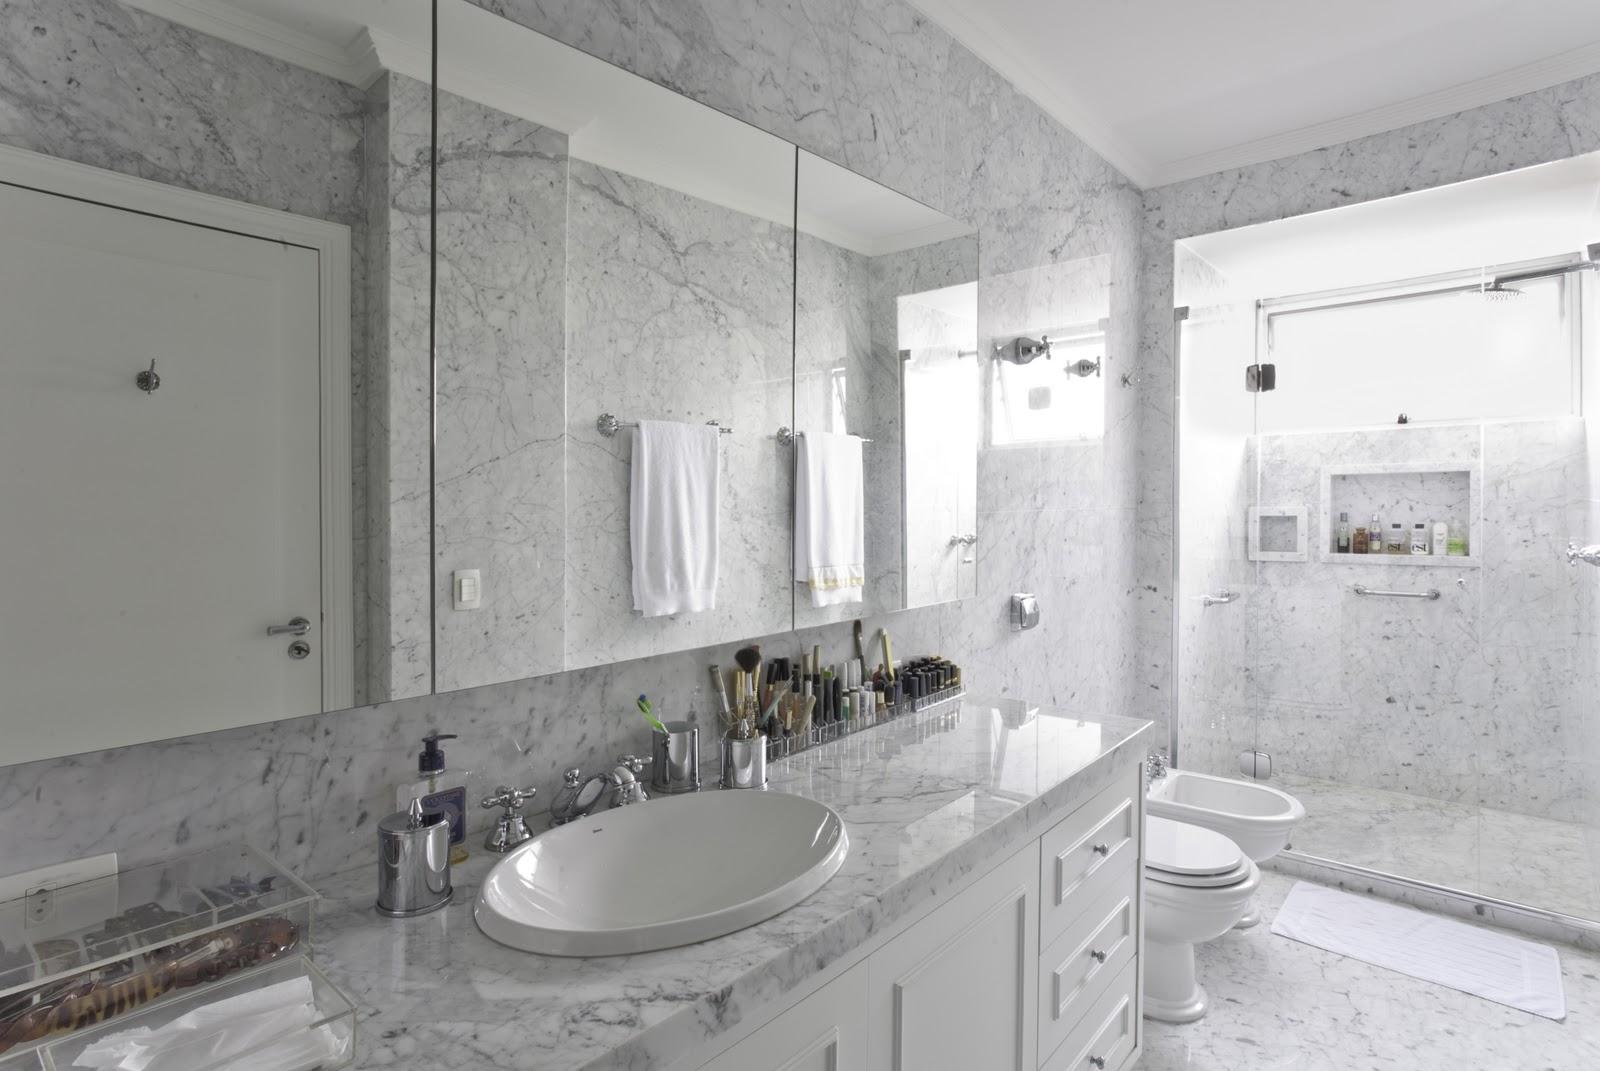 interessante para o banheiro é fazer o nicho do shampoo embutido #5A5047 1600x1071 Banheiro Com Nicho Embutido